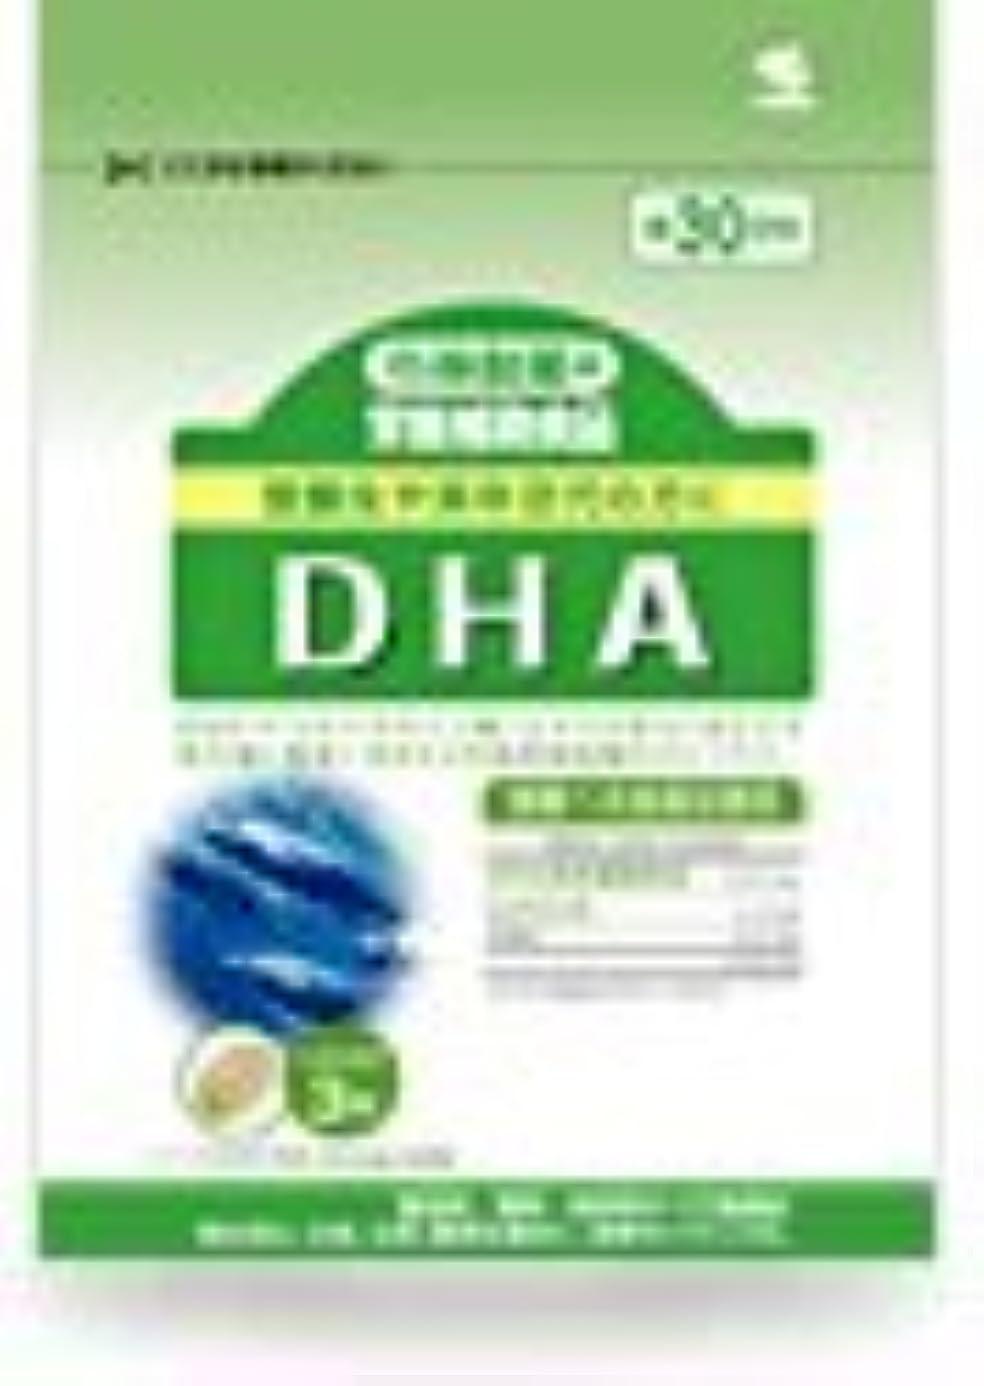 候補者テープスチュワーデス小林 DHA 90粒×(6セット)